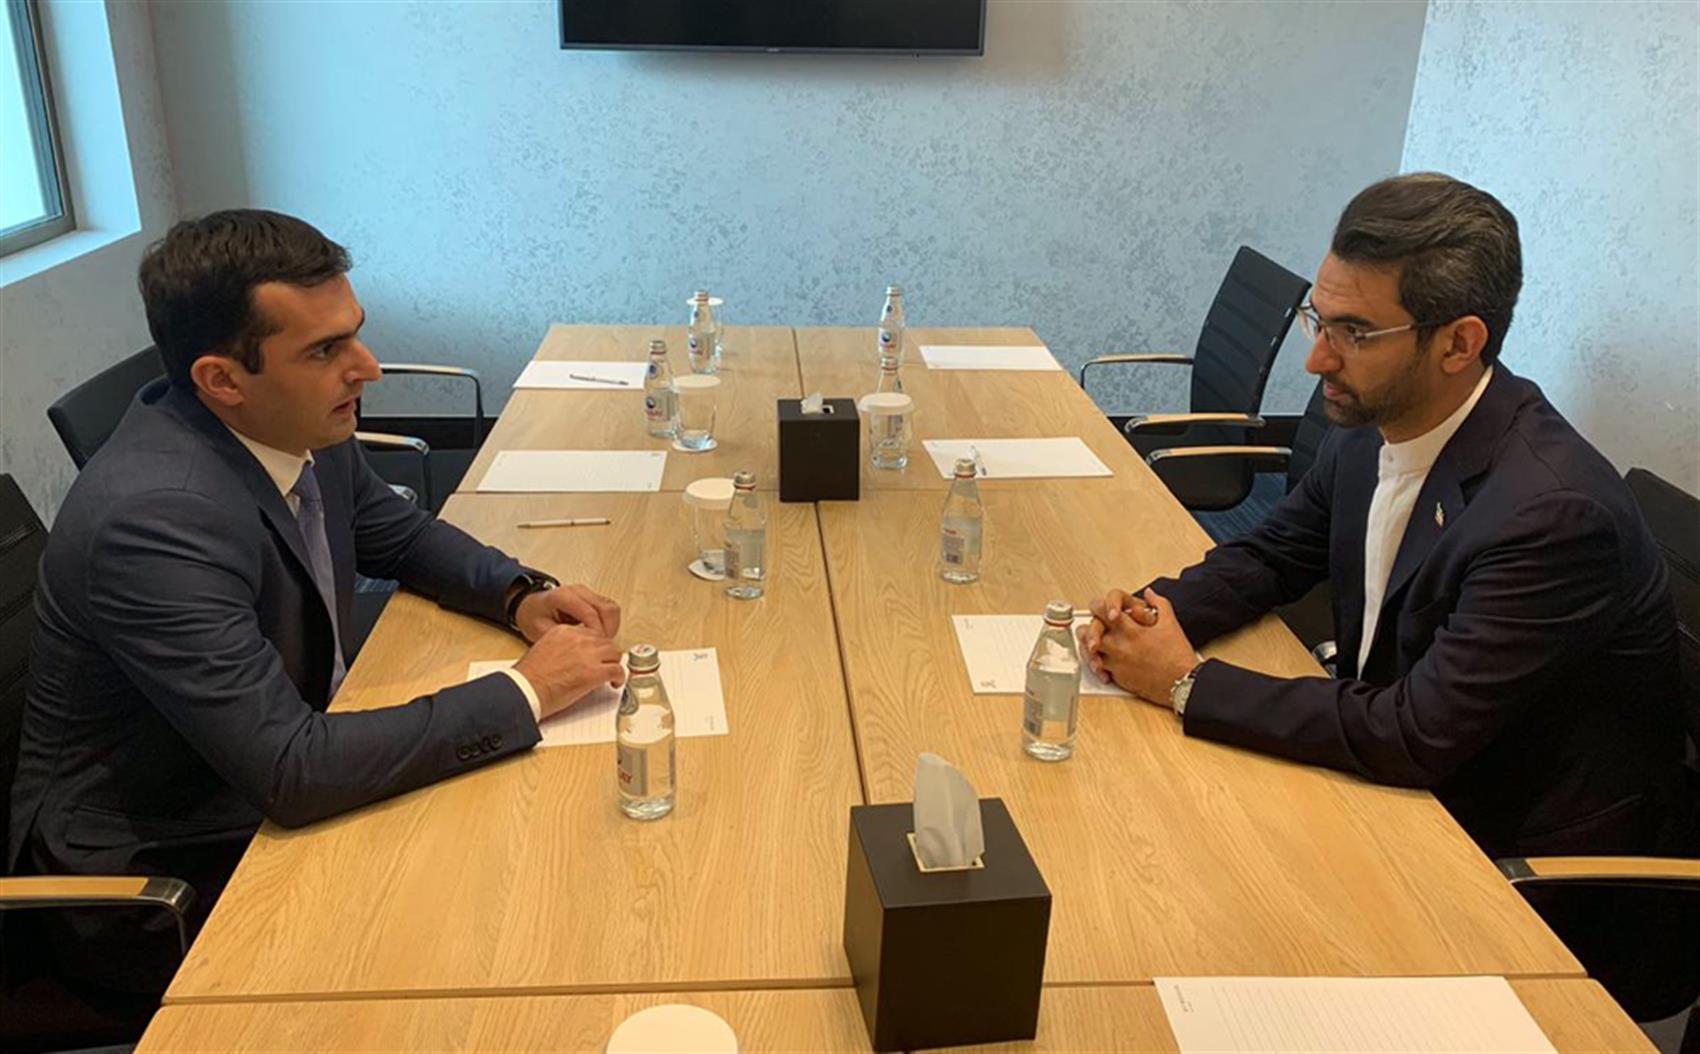 طرح پیشنهادی ایران به ارمنستان برای حمایت از تجارت استارتاپهای دو کشور